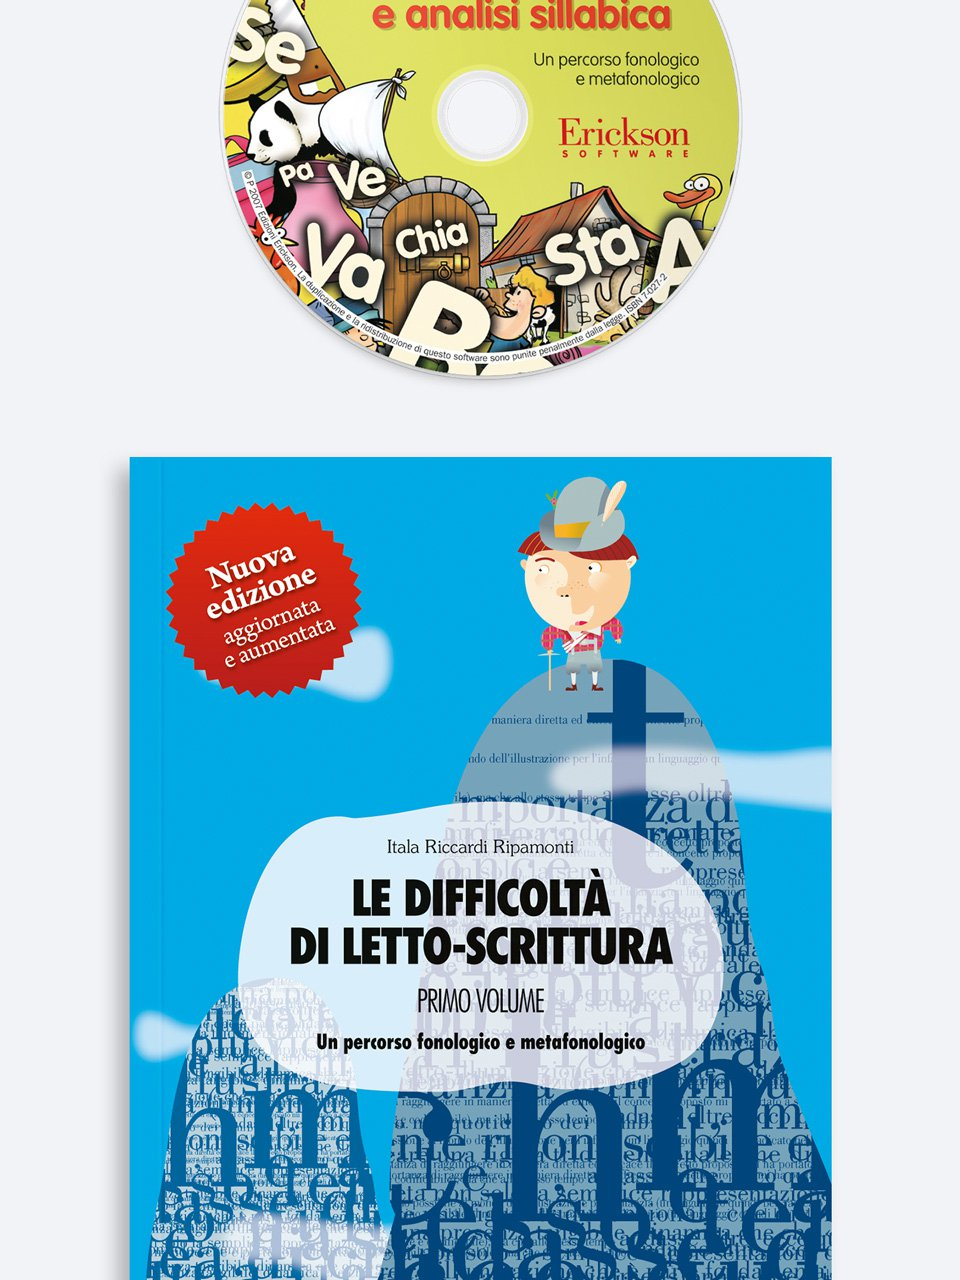 Le difficoltà di letto-scrittura - Volume 1 - Le difficoltà di letto-scrittura - Volume 2 - Libri - Strumenti - Erickson 3